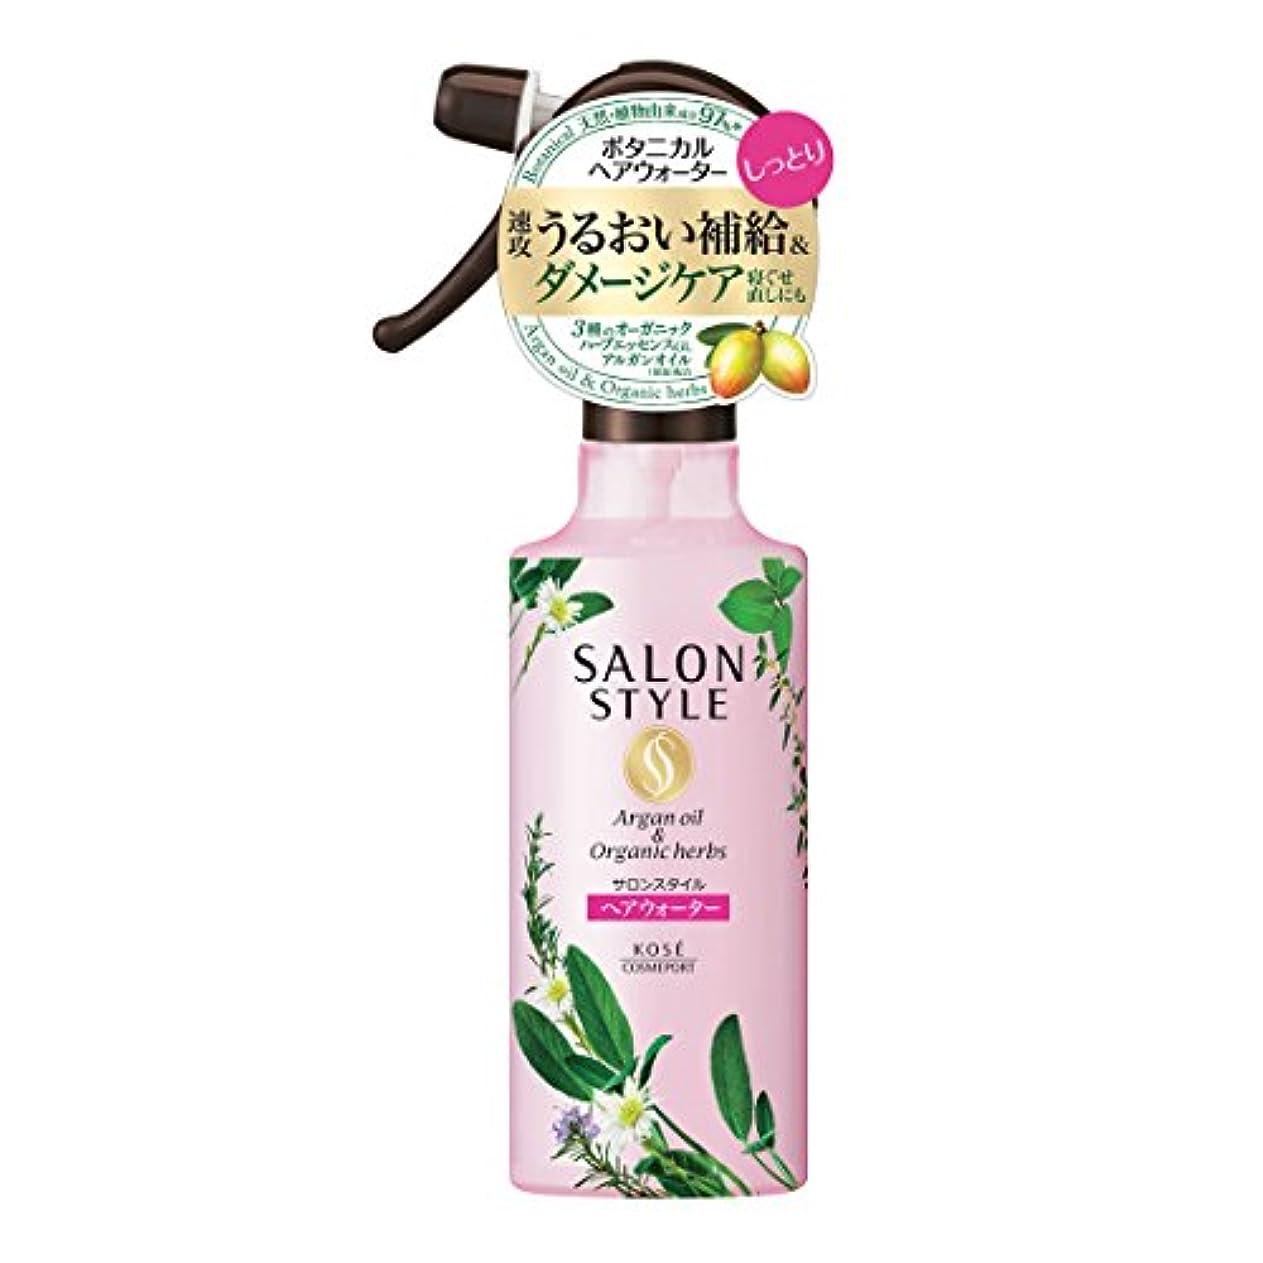 過敏なバラエティ剃るKOSE コーセー SALON STYLE(サロンスタイル) ボタニカル トリートメント ヘアウォーター (しっとり) 250ml